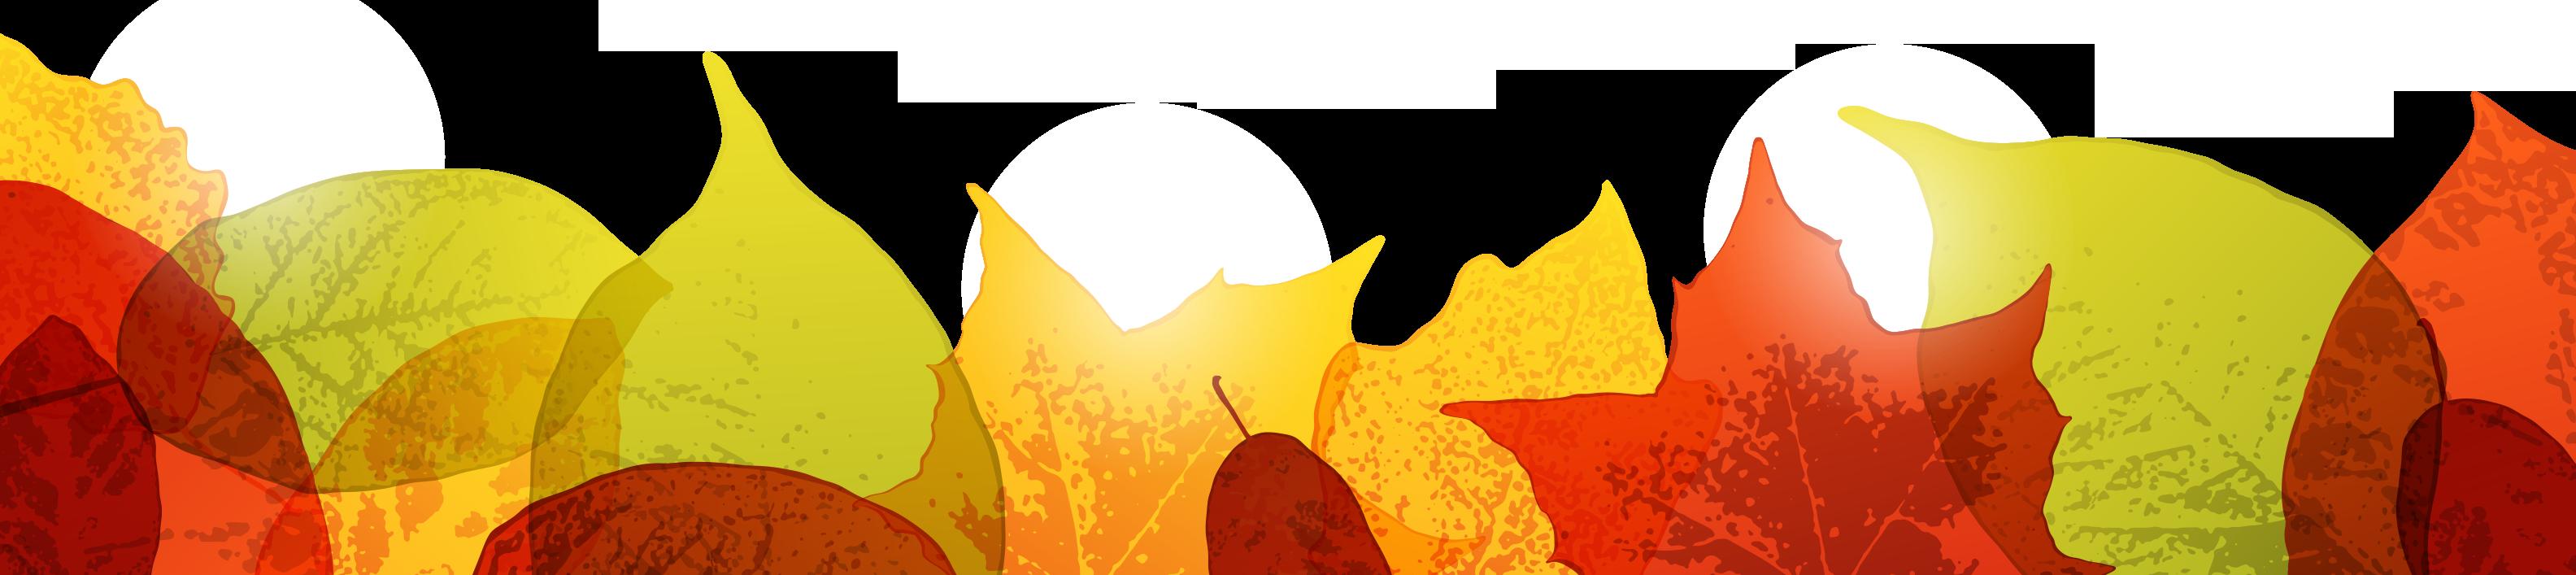 November PNG Border - 73904